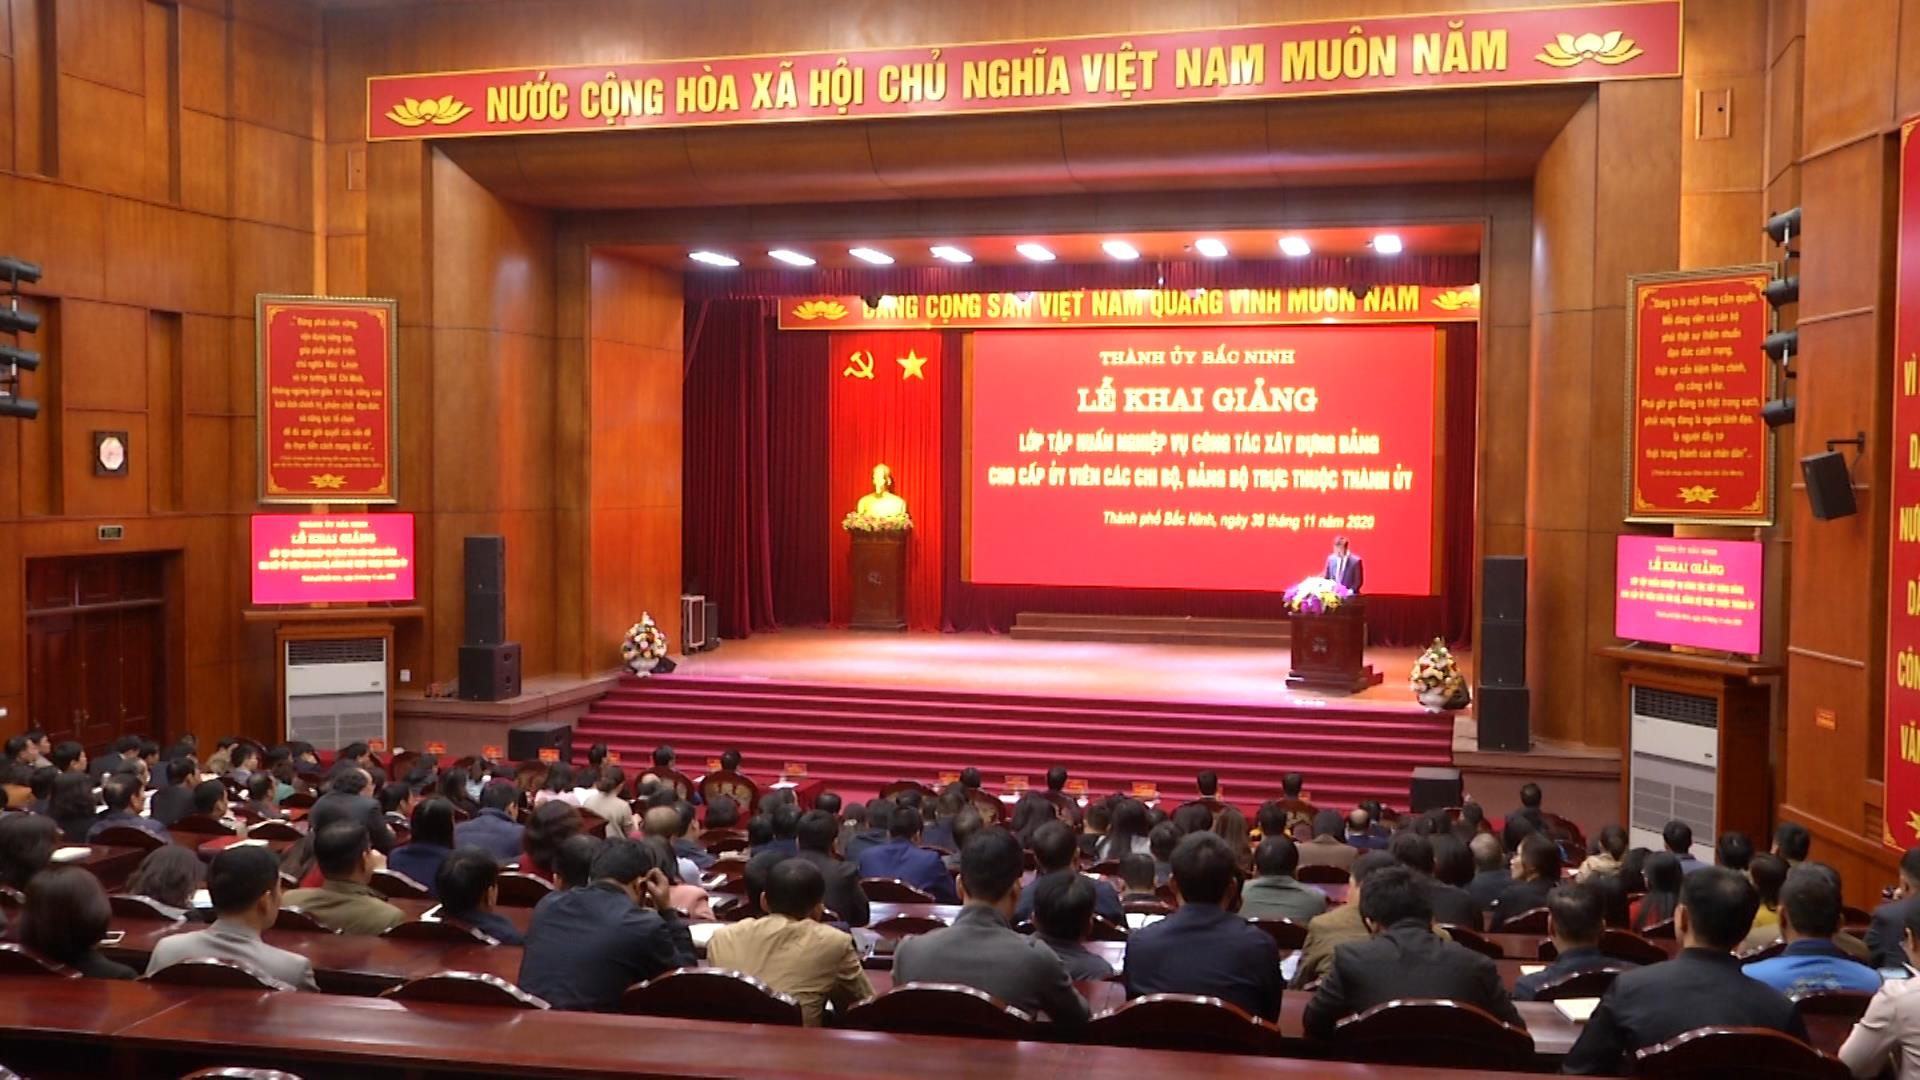 Thành ủy Bắc Ninh tập huấn nghiệp vụ công tác xây dựng Đảng